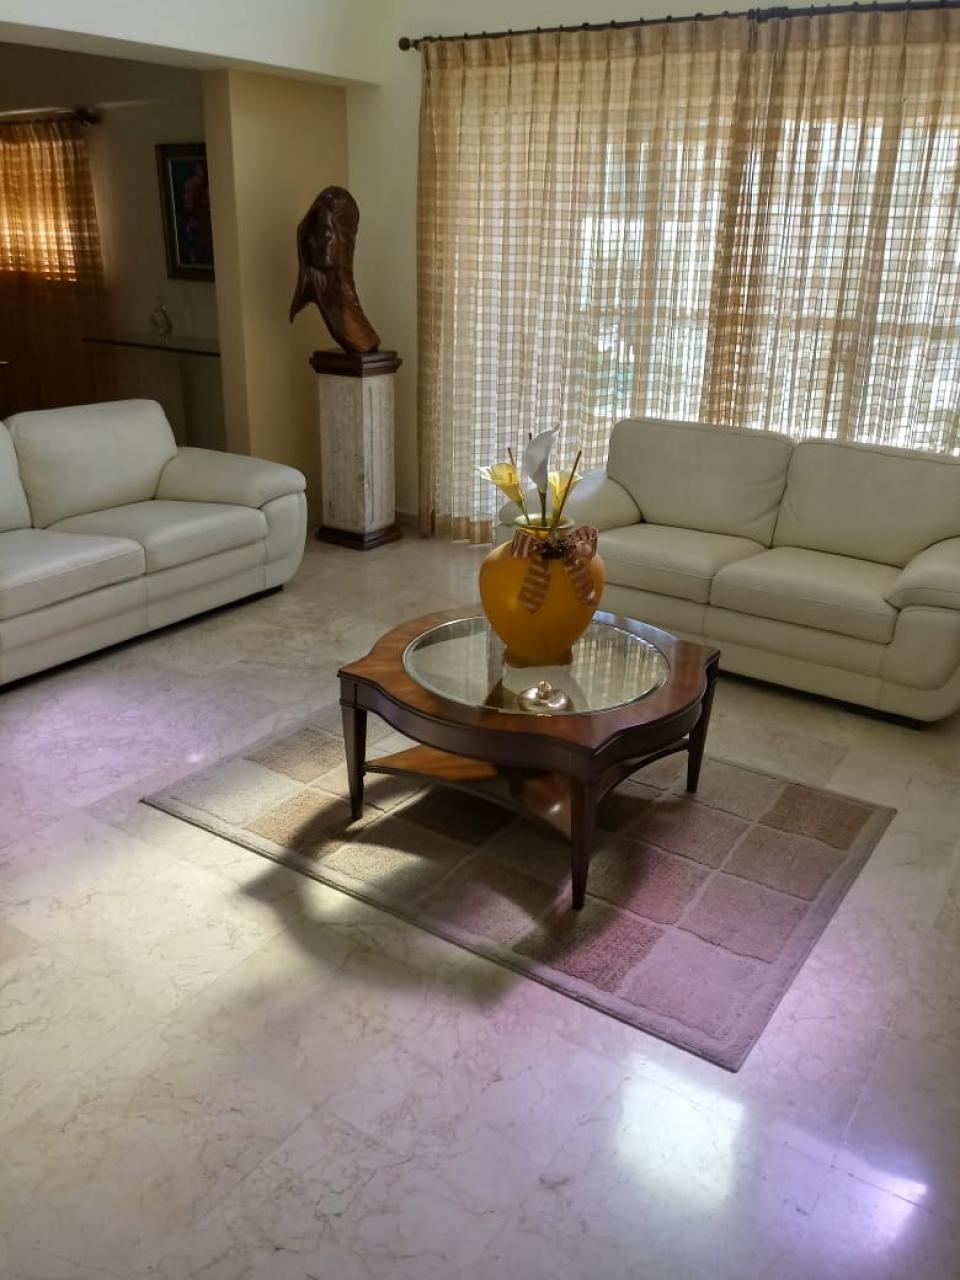 Penthouse en venta en el sector MIRADOR NORTE precio US$ 316,000.00 US$316,000